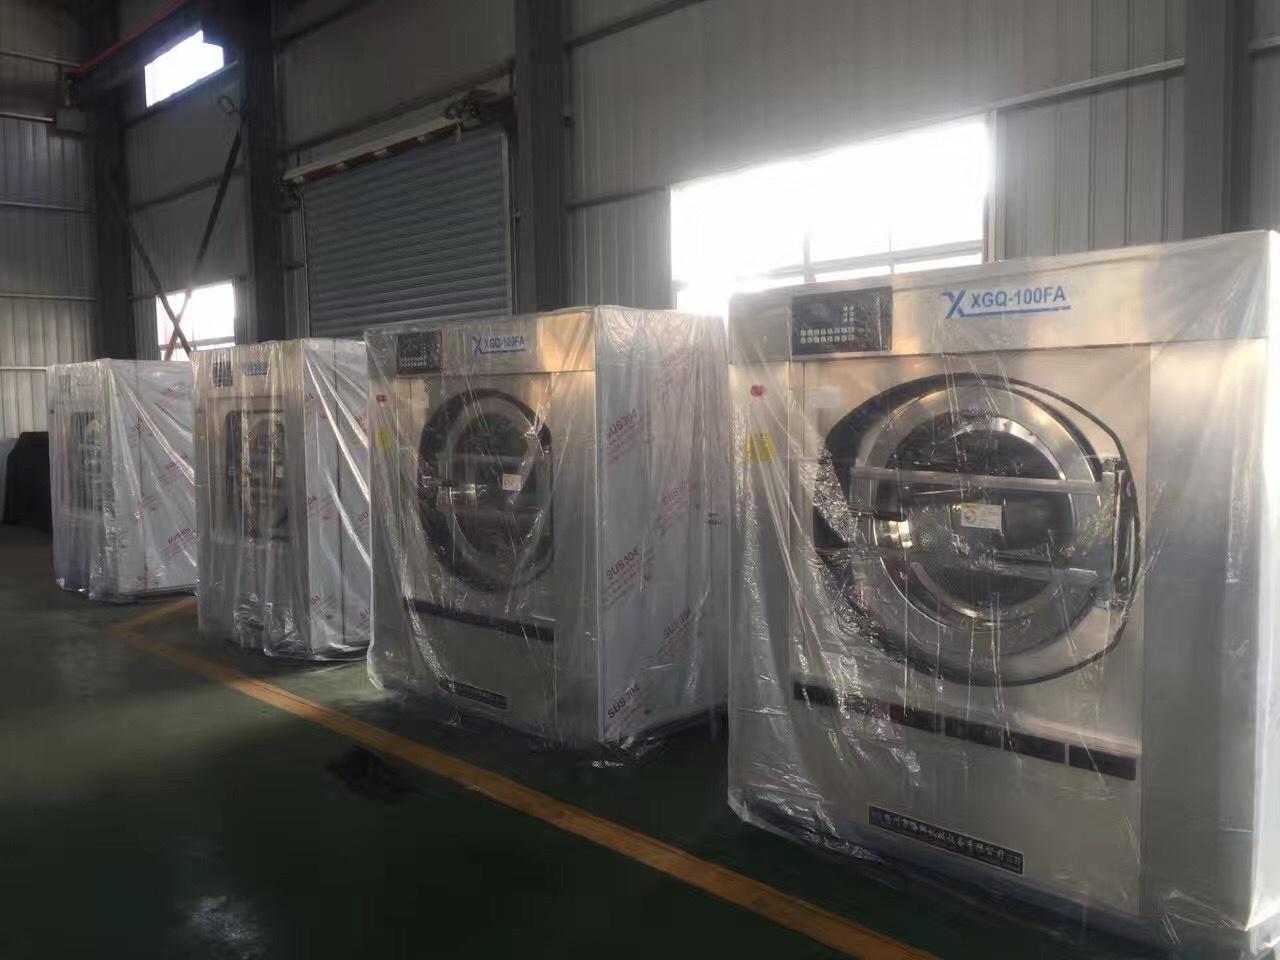 扬州海狮厂家直销高品质工业洗衣机,工业用洗衣机,全自动工业洗衣机,海狮大型洗衣机,洗脱两用机,工业洗衣机厂家示例图5